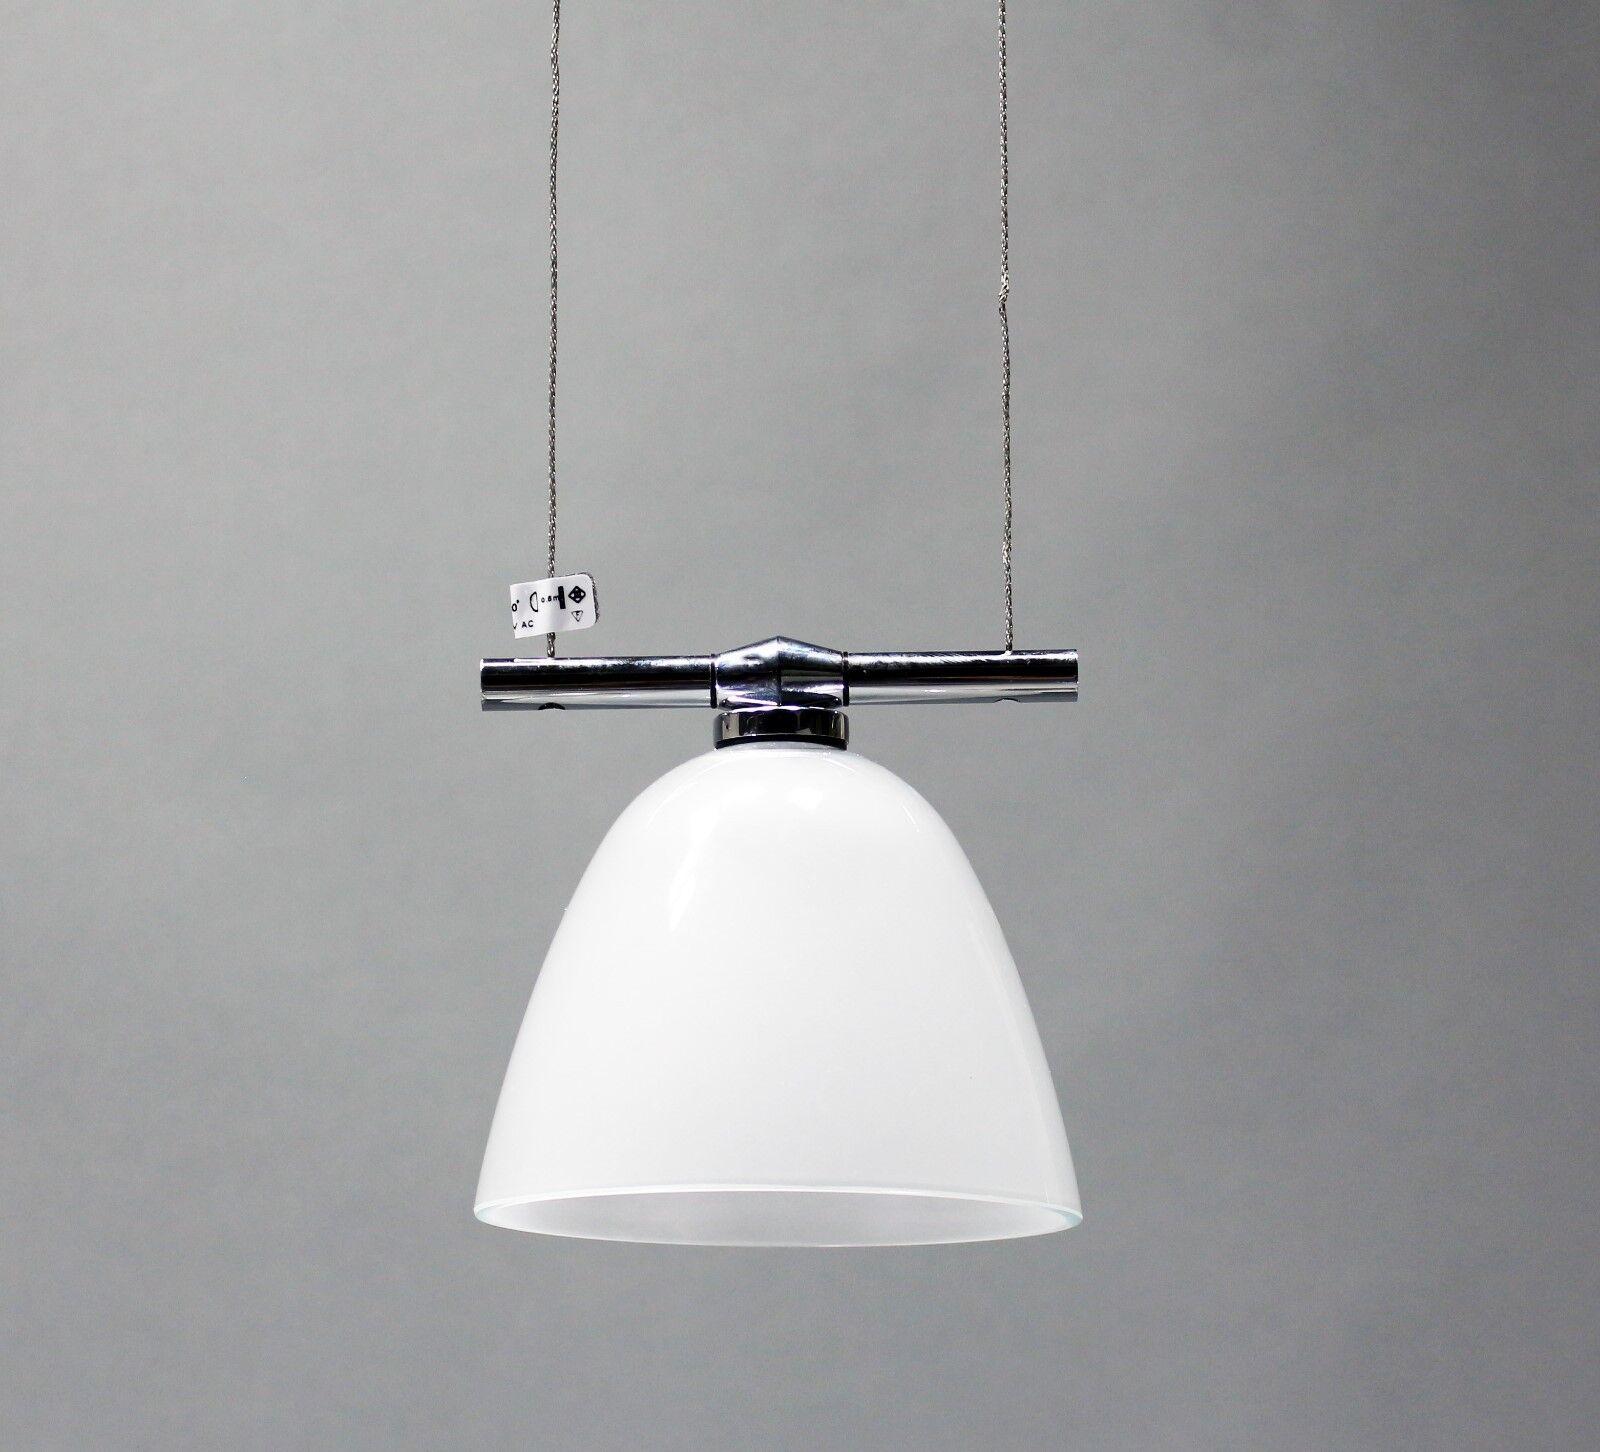 Lumexx NV Pendelleuchte Esstischlampe Lampe Leuchte Magnetline System | | | Um Sowohl Die Qualität Der Zähigkeit Und Härte  |  22fb33